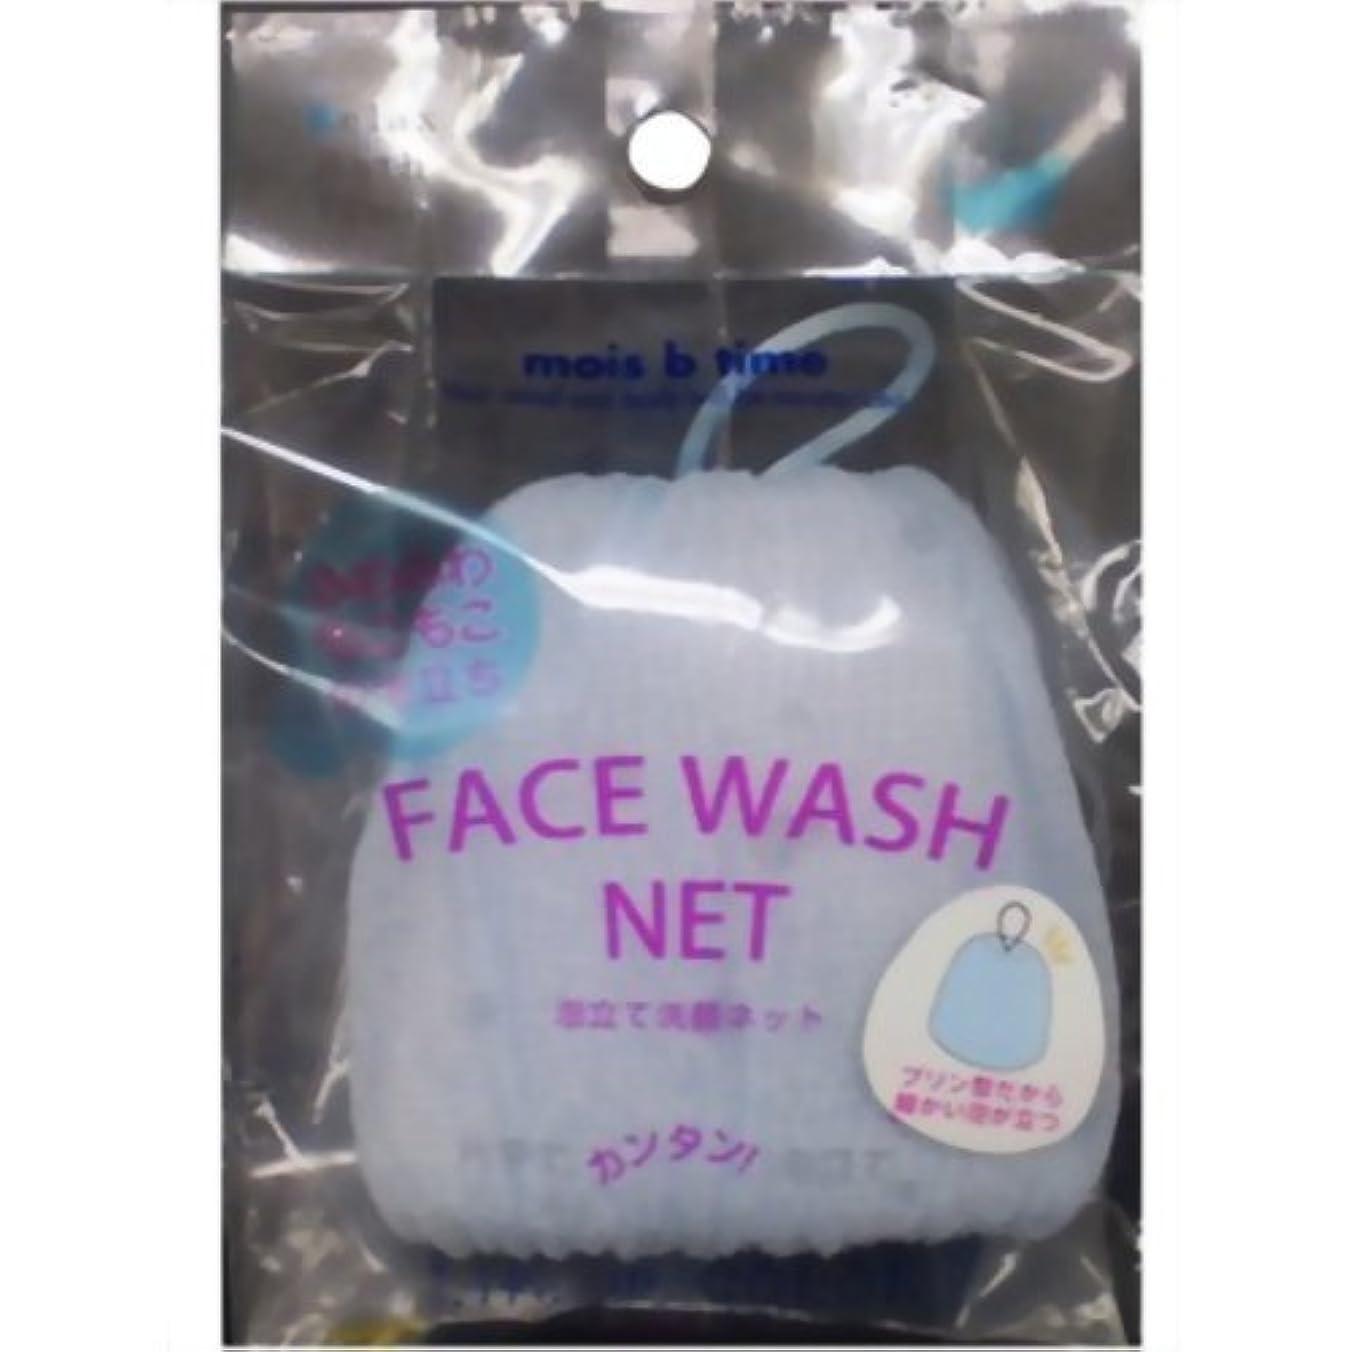 ガラガラ発症表現モイスビータイム 泡立て洗顔ネット(ブルー)